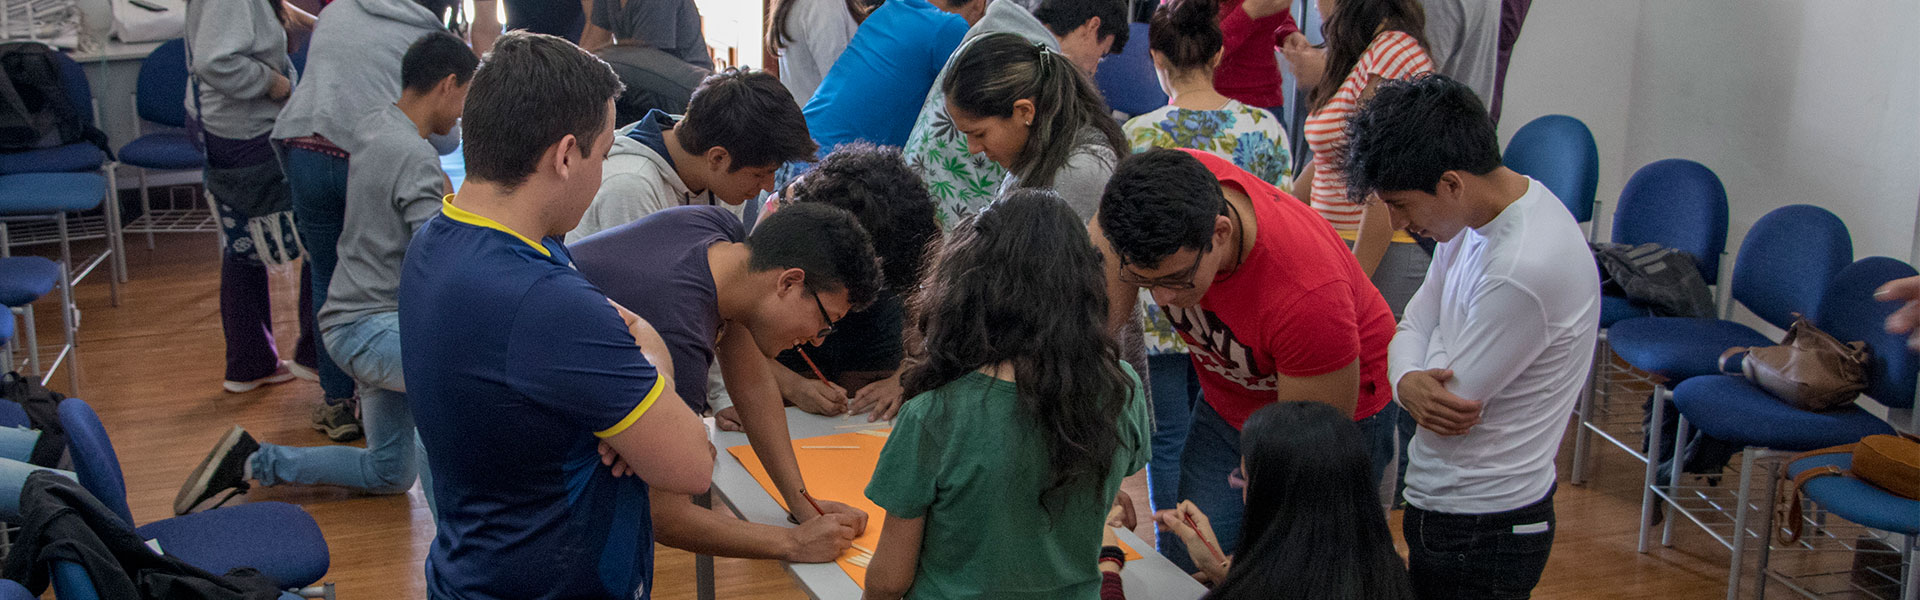 CAMINOS: Eliminando las fronteras en la educación superior